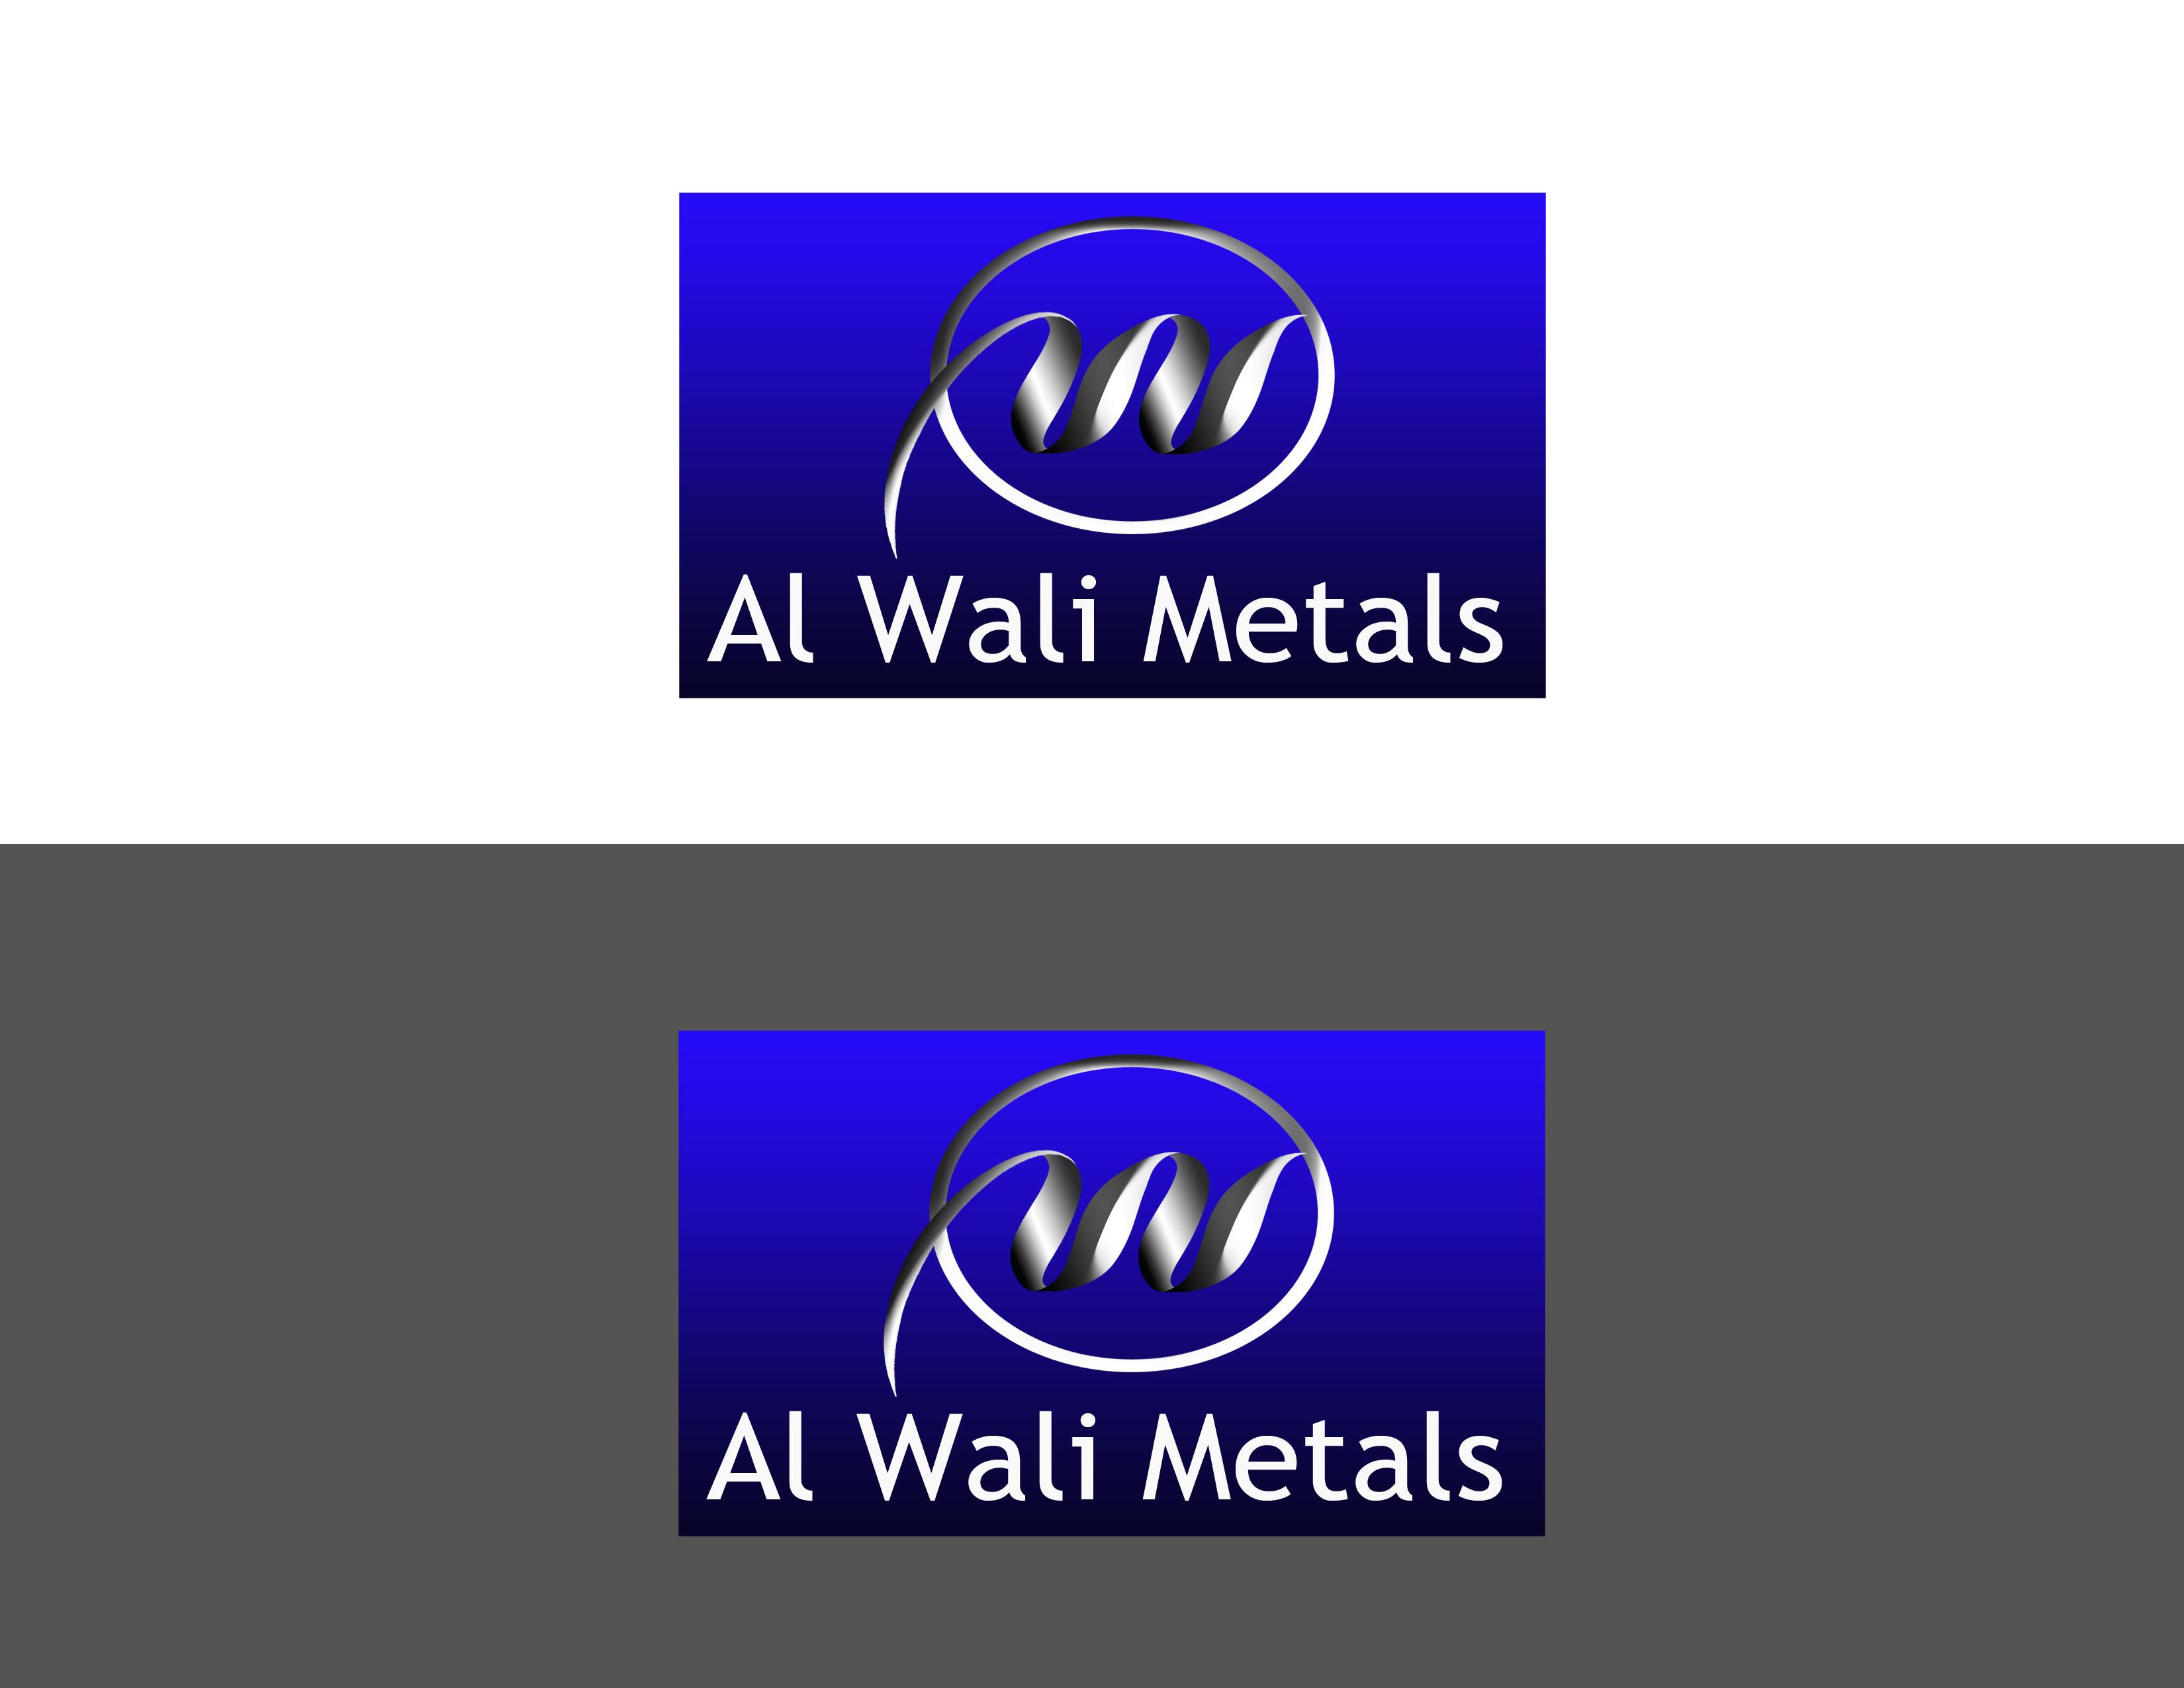 Logo Design by Alan Esclamado - Entry No. 3 in the Logo Design Contest Inspiring Logo Design for Al Wali Metals.